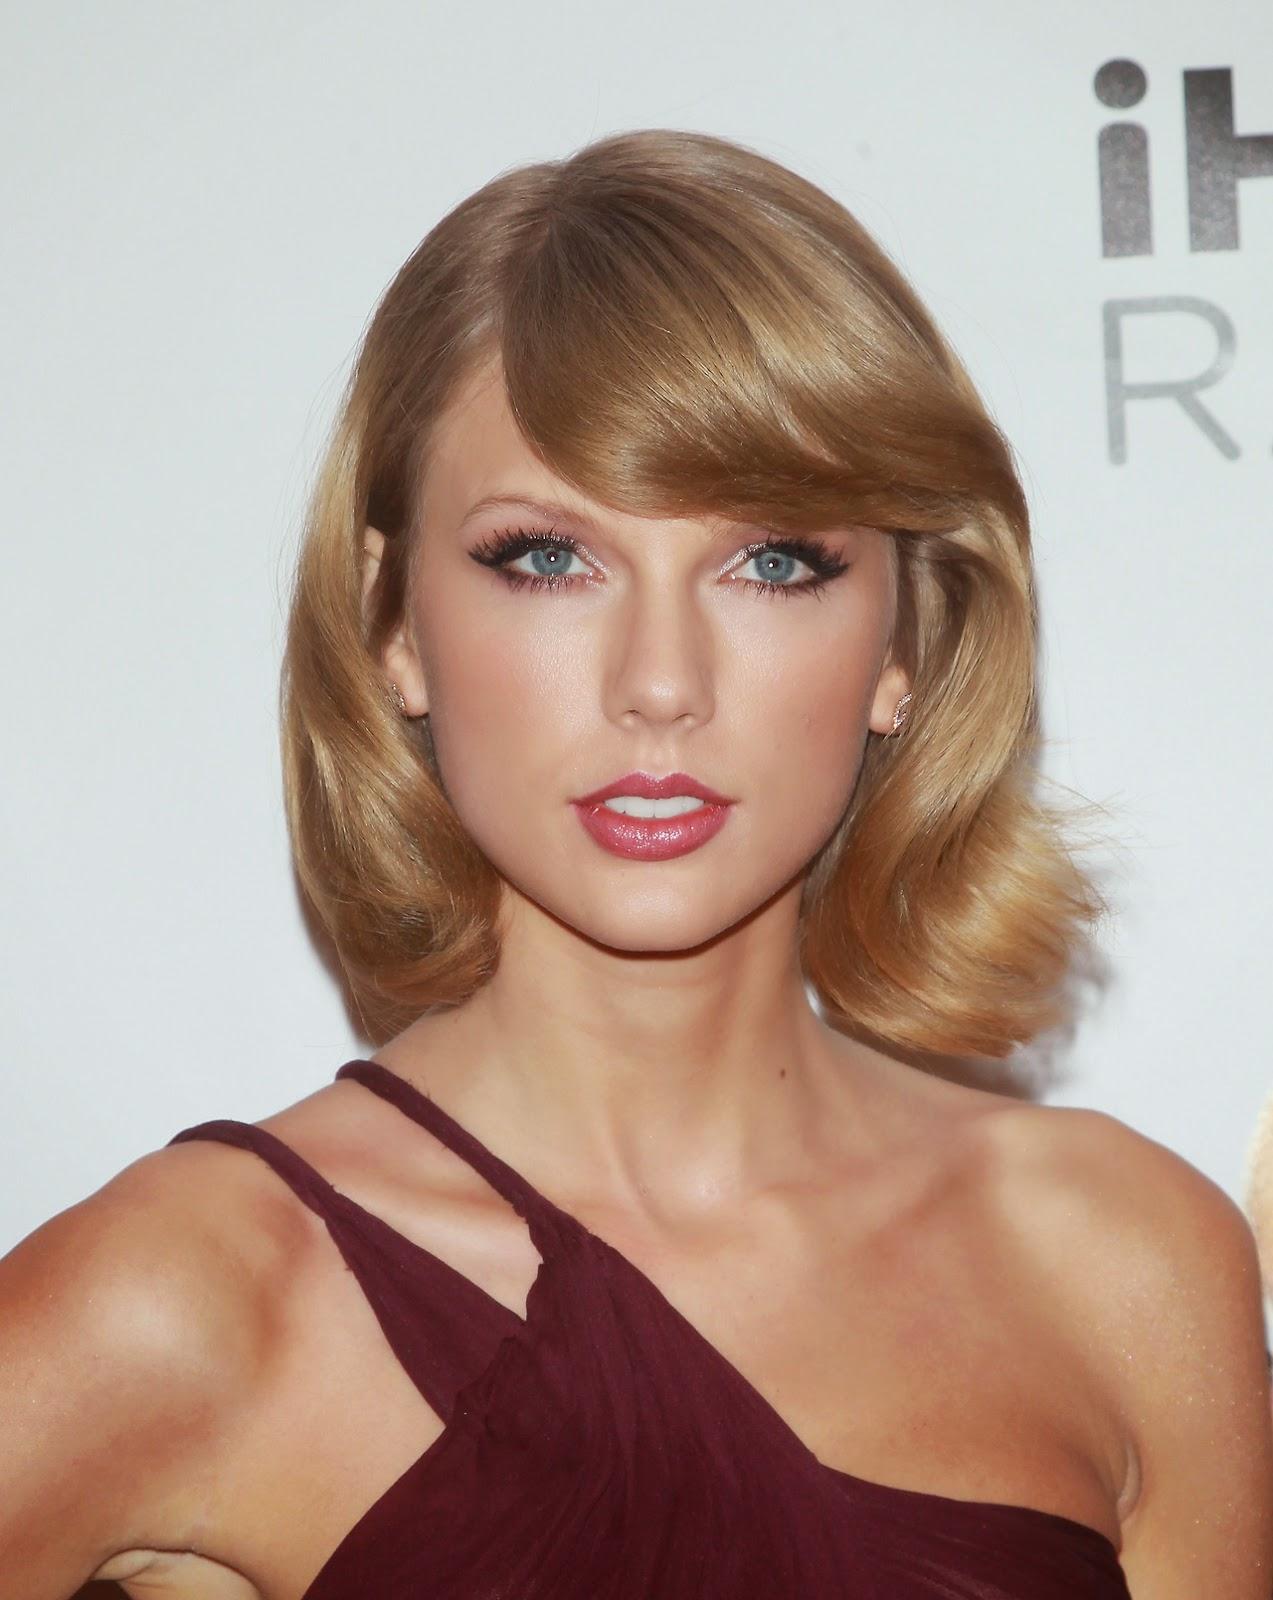 Taylor Swift nudes (79 photos), photos Bikini, iCloud, in bikini 2019